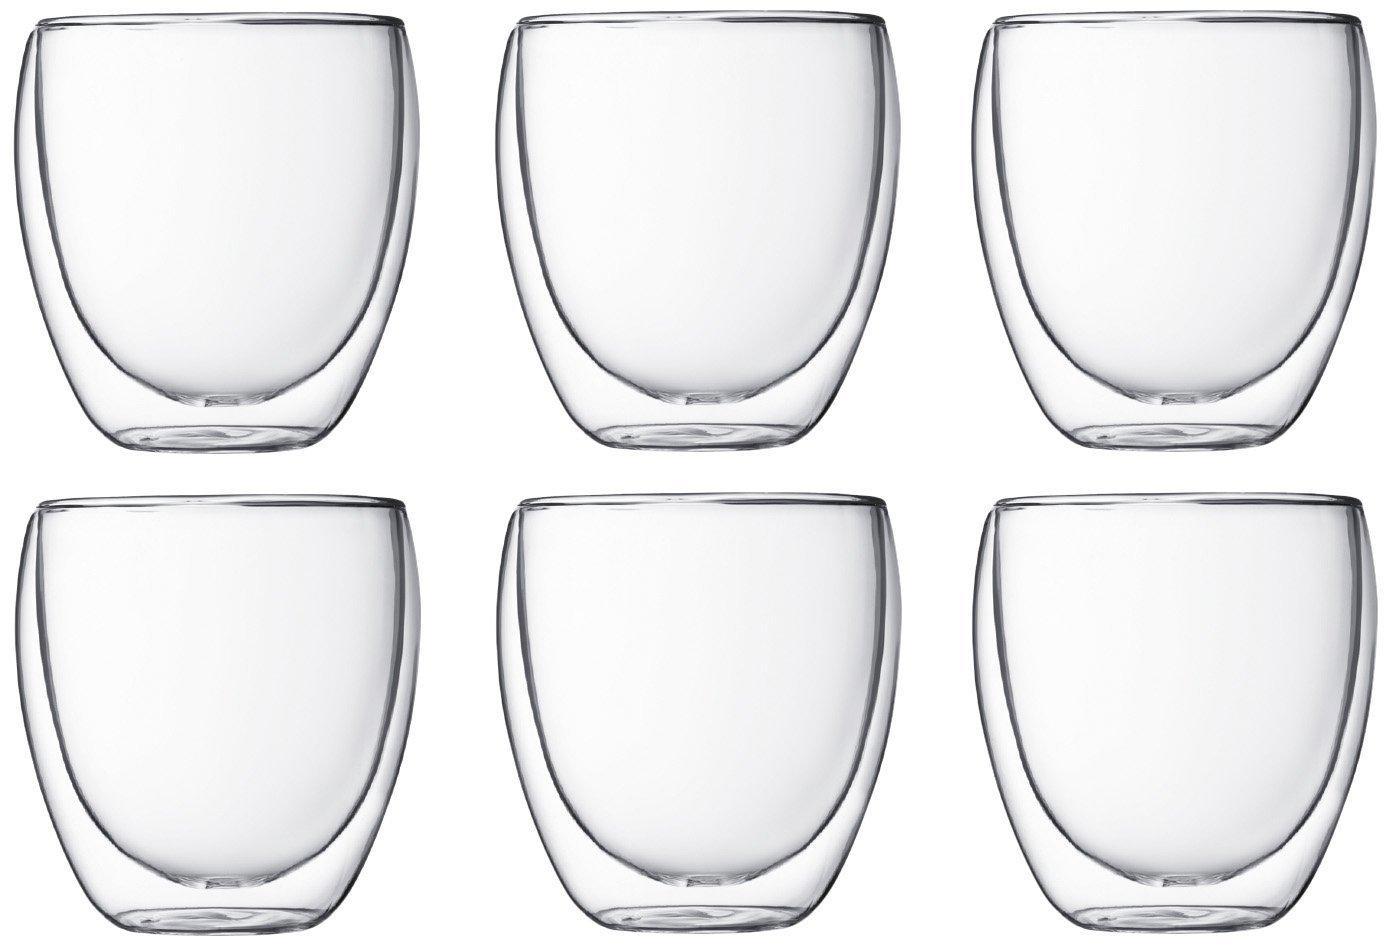 Coffret de 6 verres Bodum Pavina 25 cL double paroi